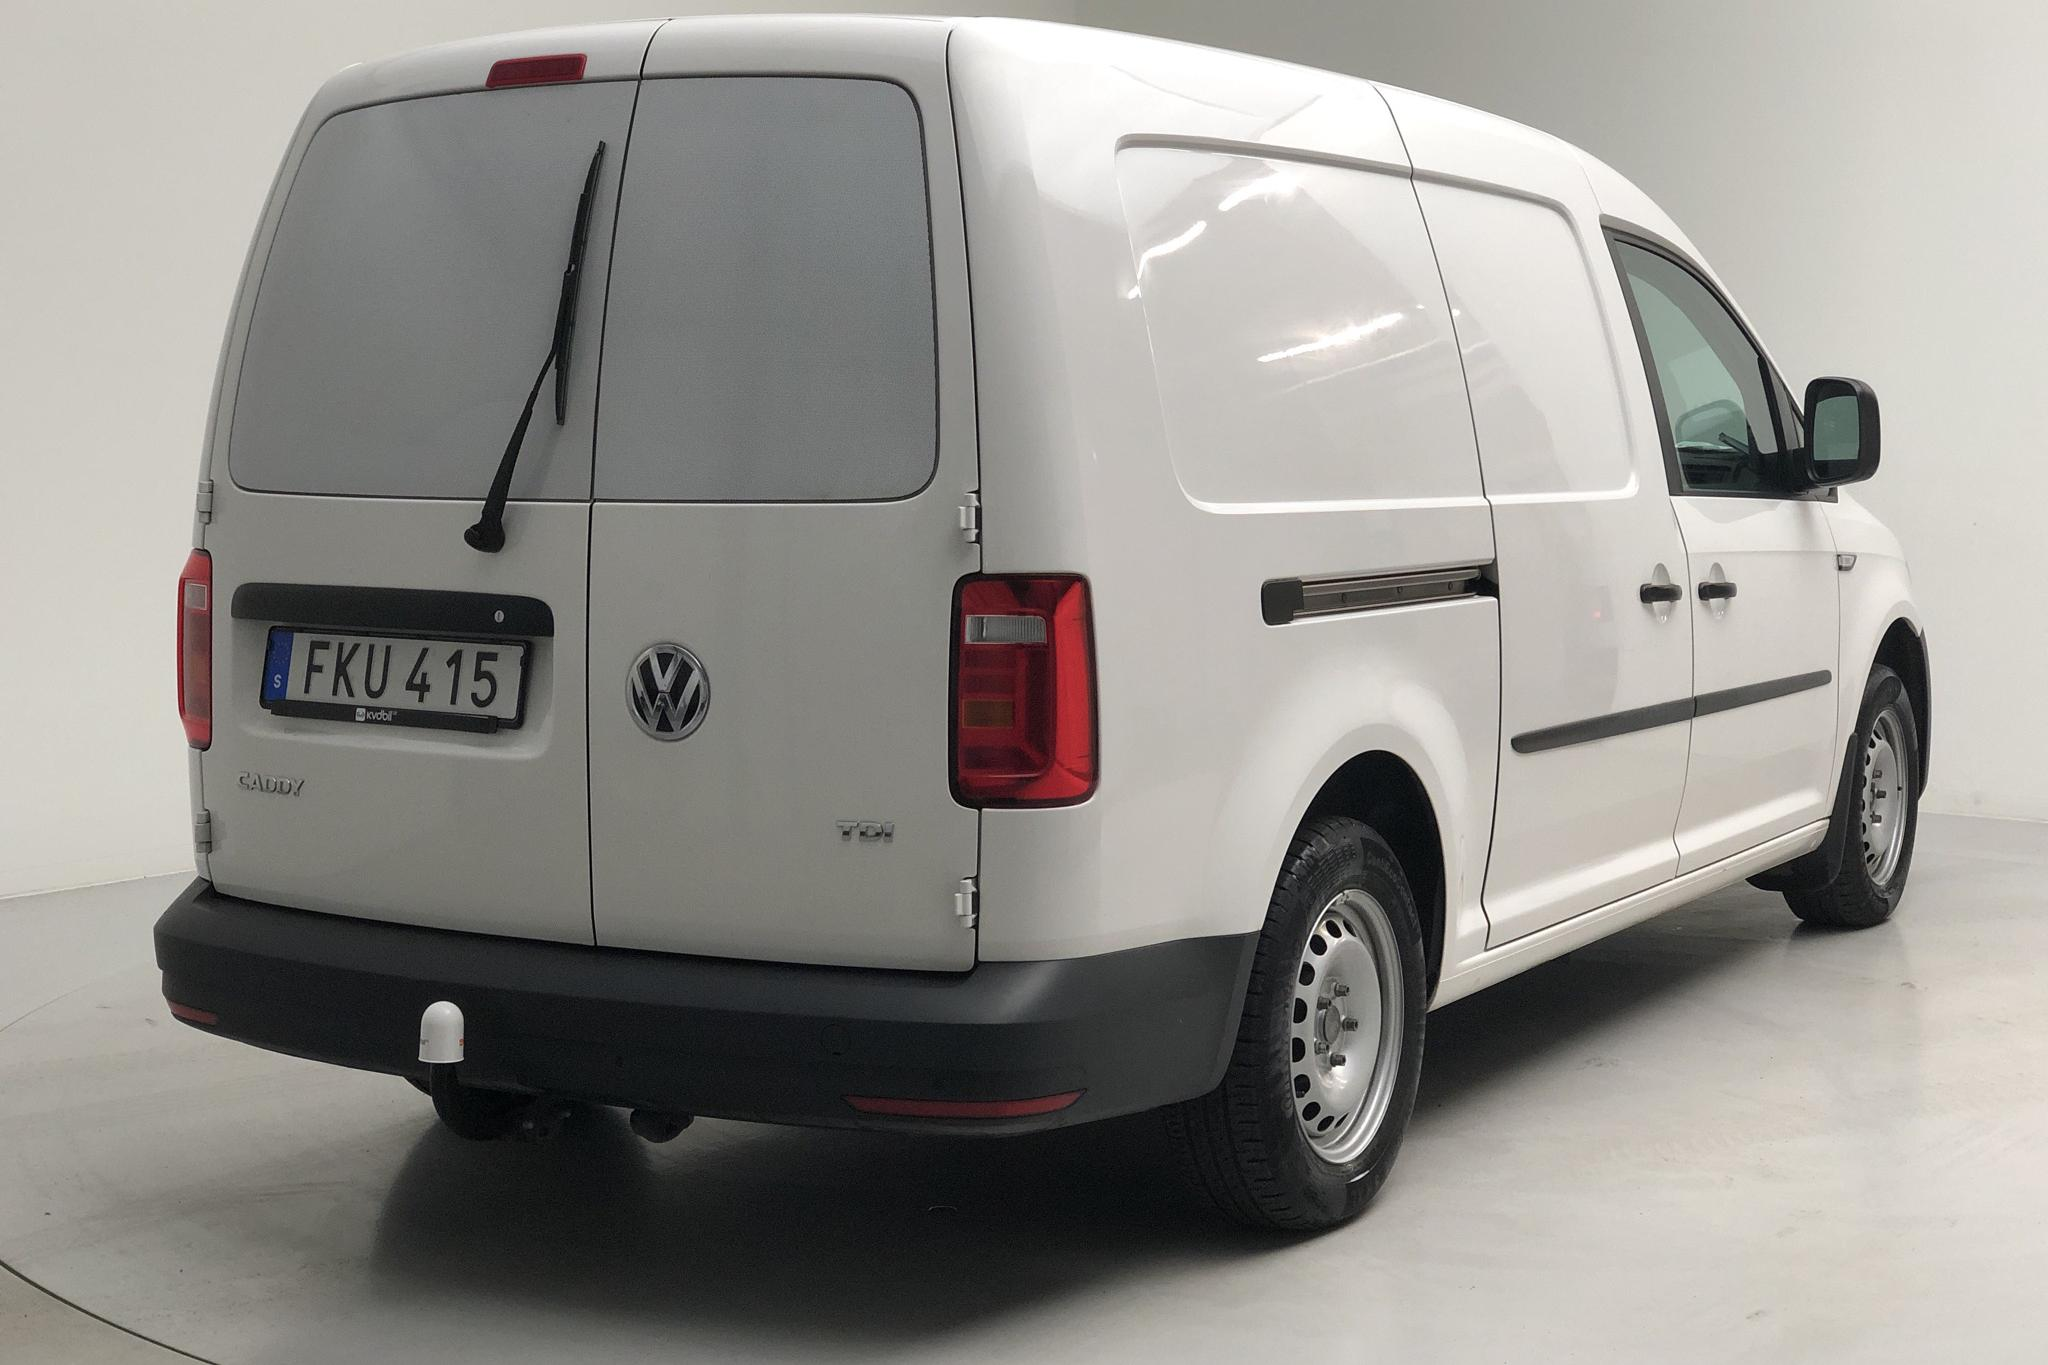 VW Caddy 2.0 TDI Maxi Skåp (102hk) - 37 440 km - Manual - white - 2017